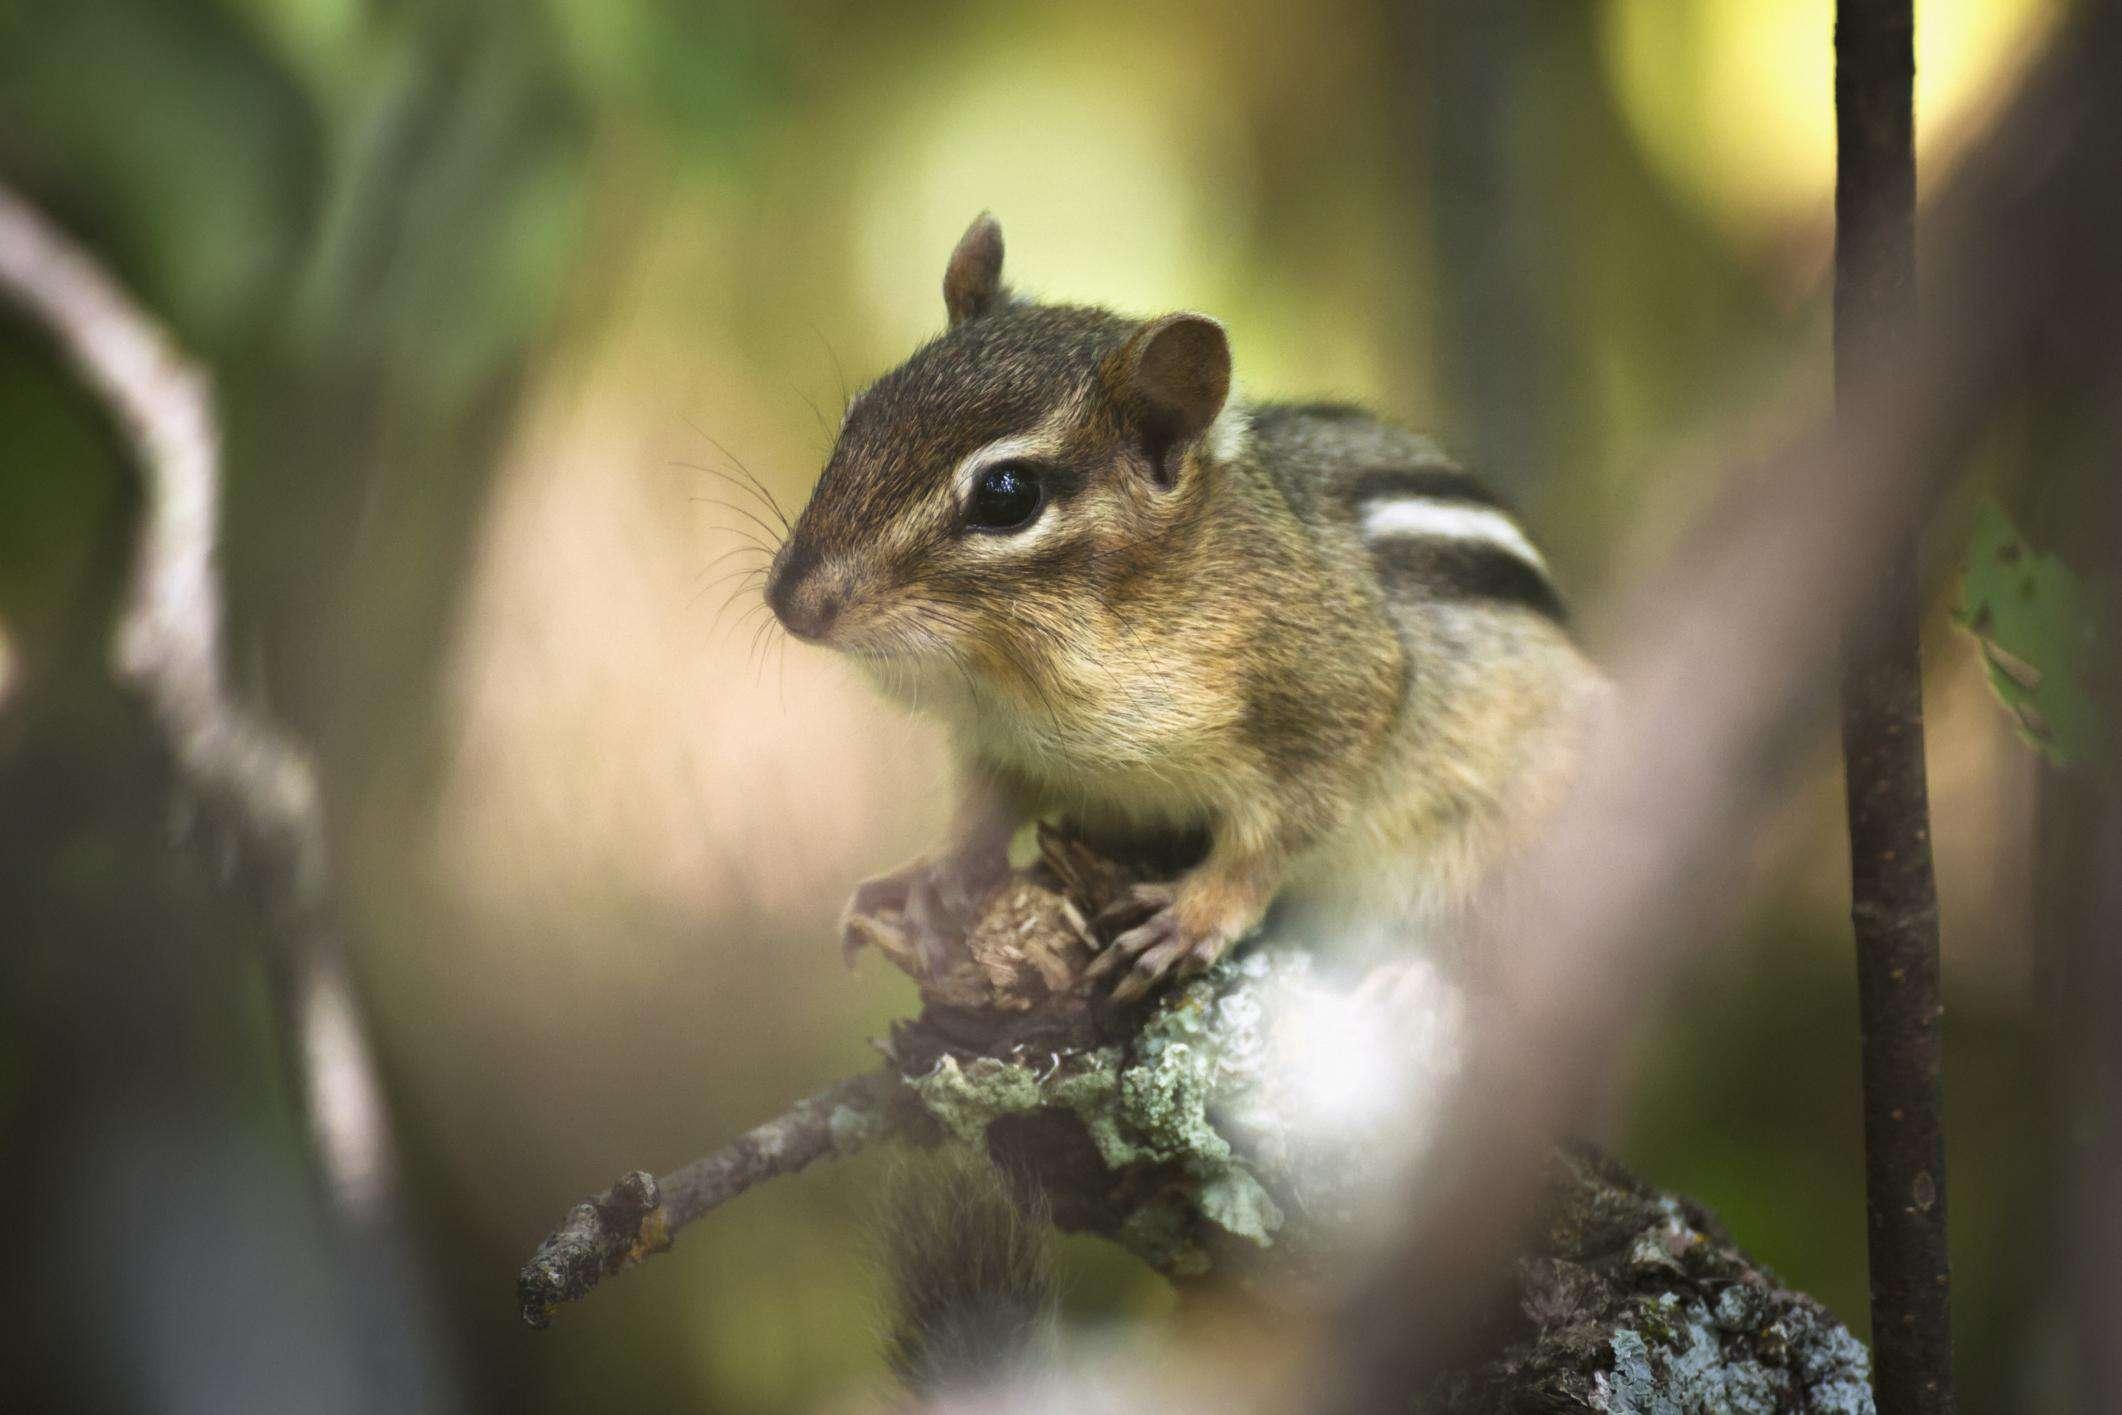 Chipmunk on a tree branch